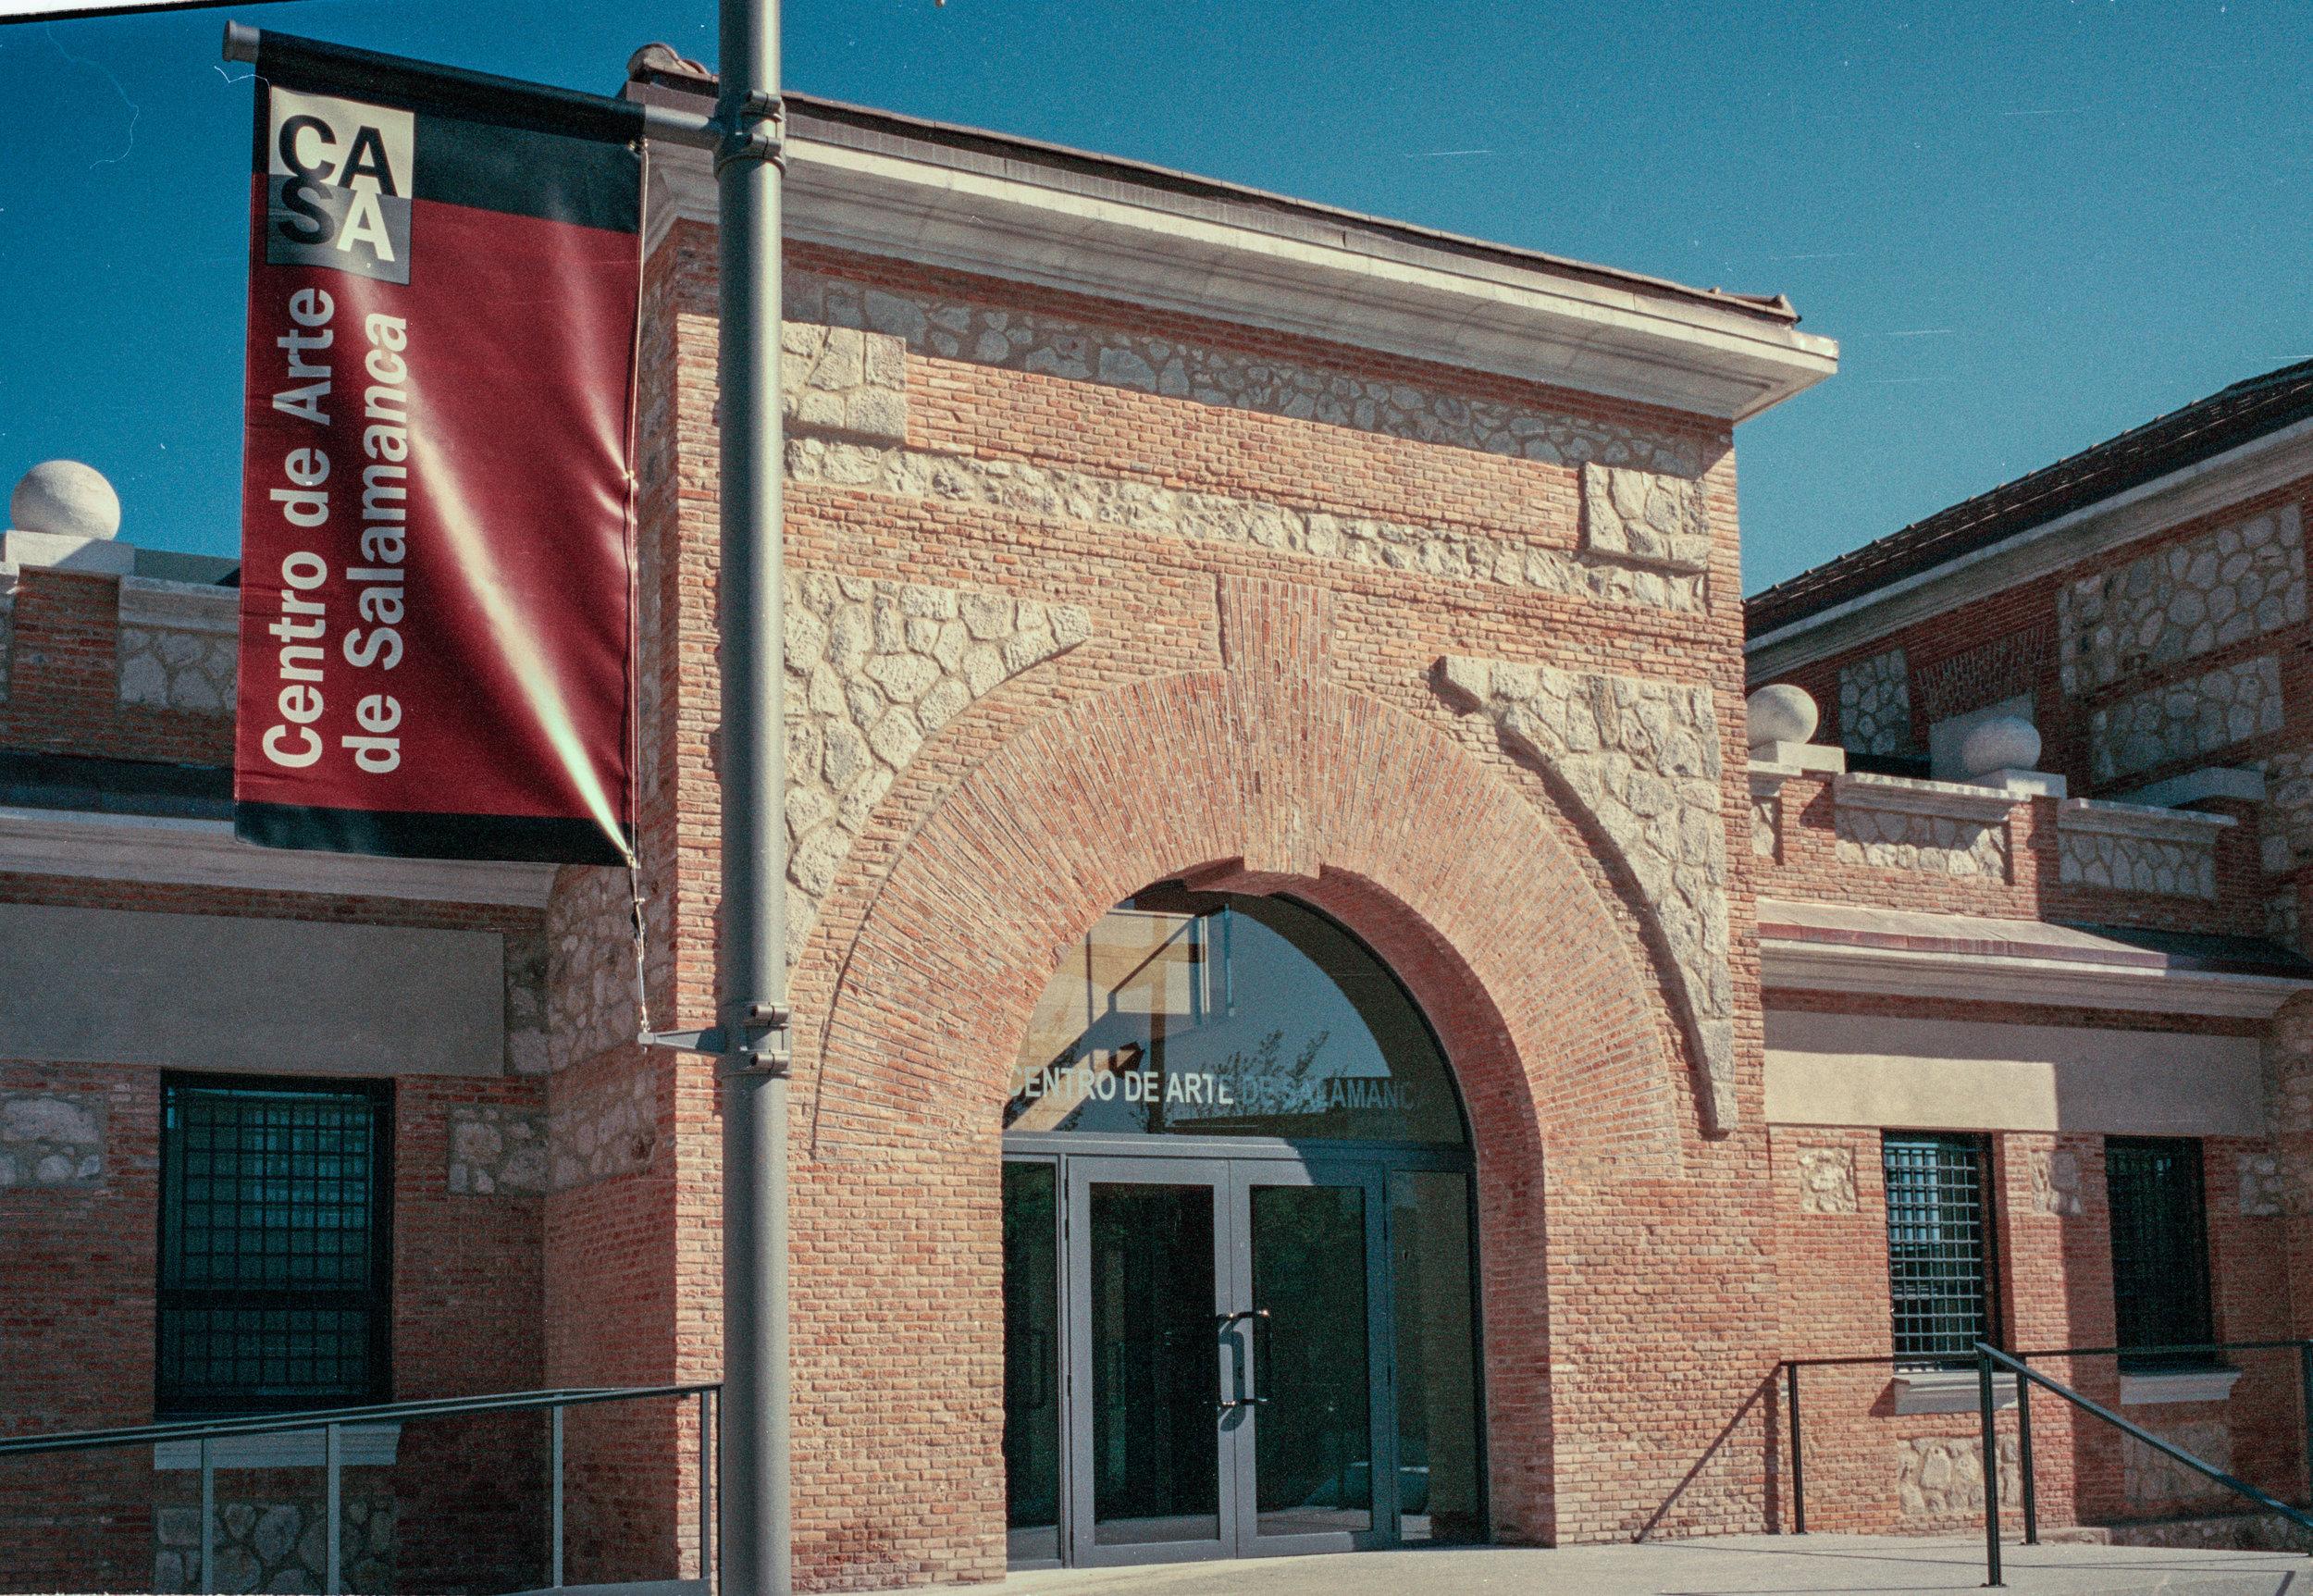 2-07-18-neg-kleur-expo-Salamanca-2002-Tableaux-D-Histoire-8 001.jpg